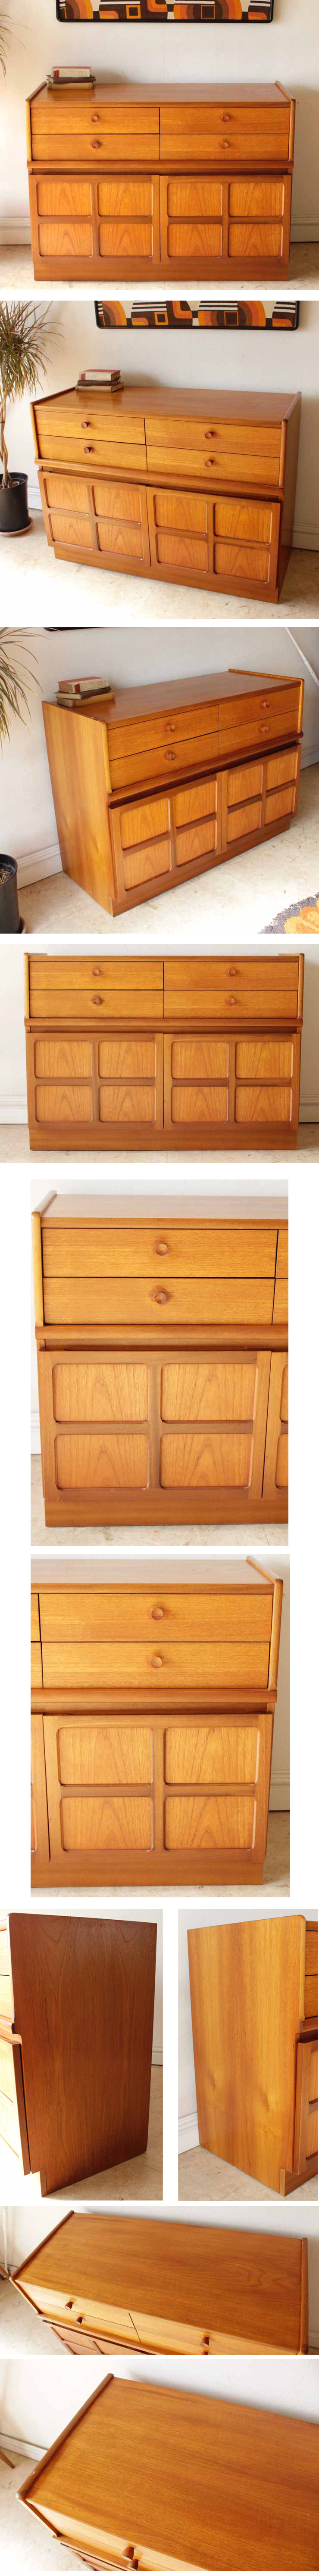 イギリス製【ネイサン】ビンテージチーク・サイドボード収納キャビネット食器棚Nathan社・北欧アンティーク